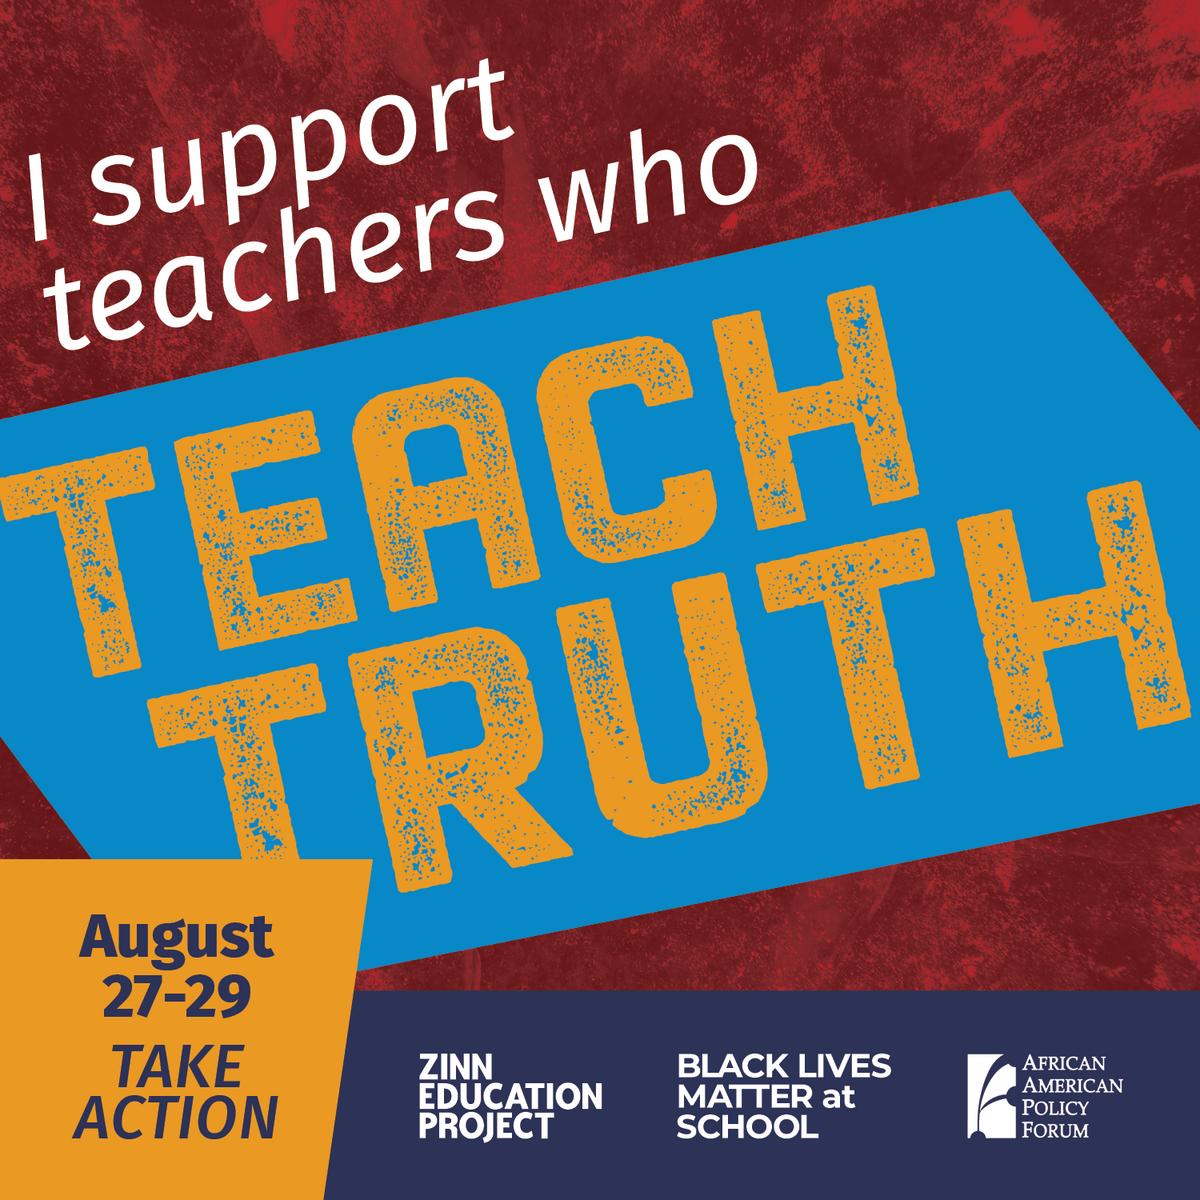 #teachtruth